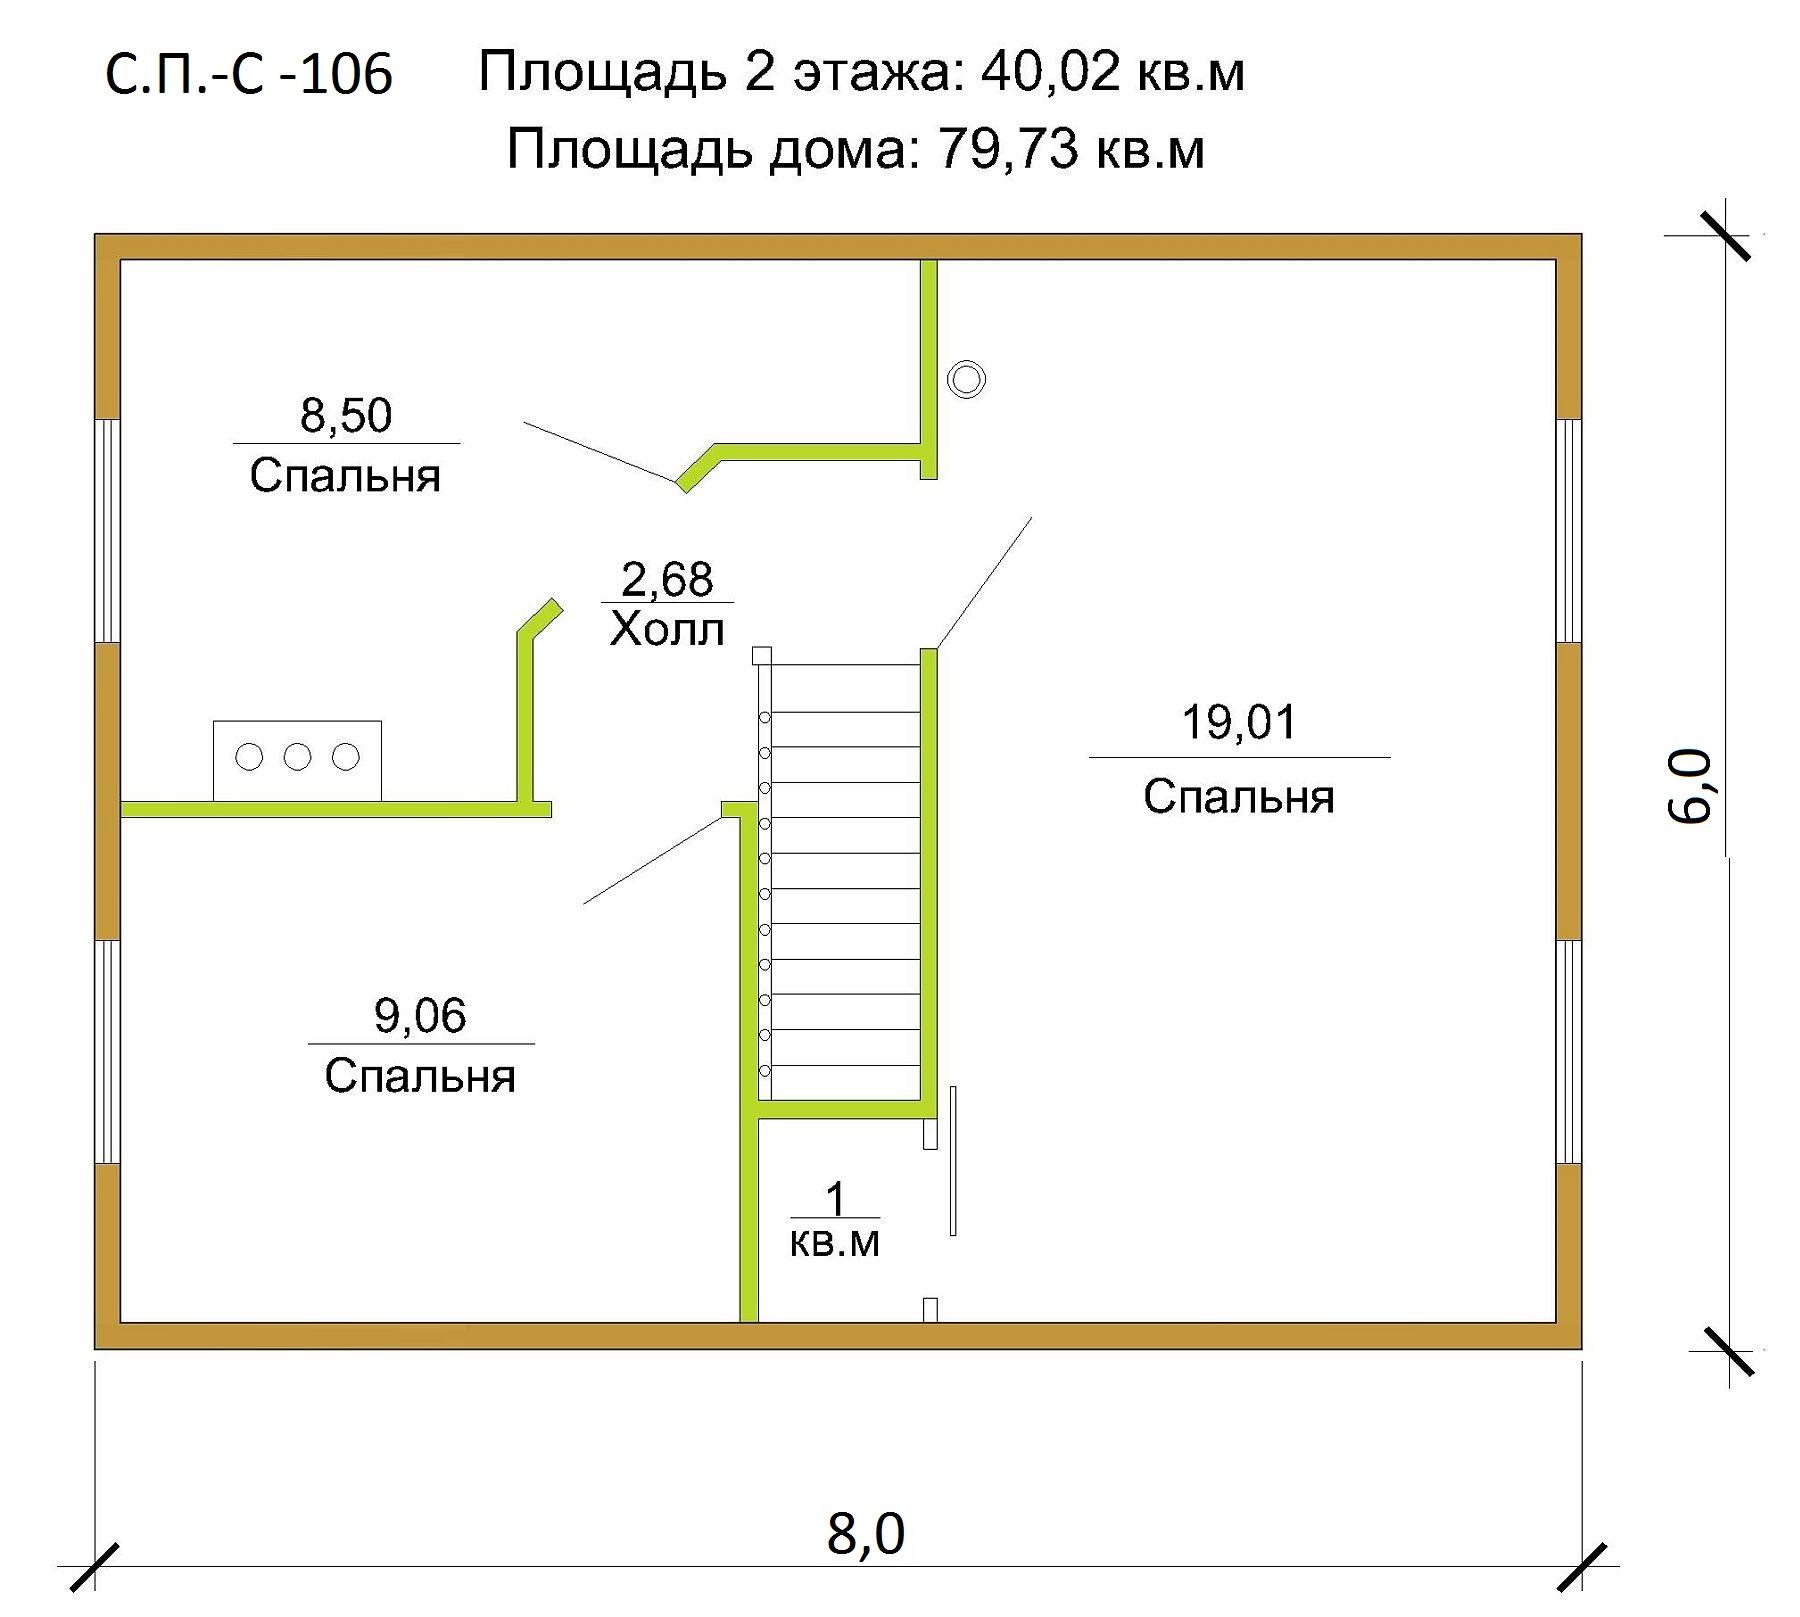 Проект небольшого дома 79 кв.м / Артикул СПС-106 план